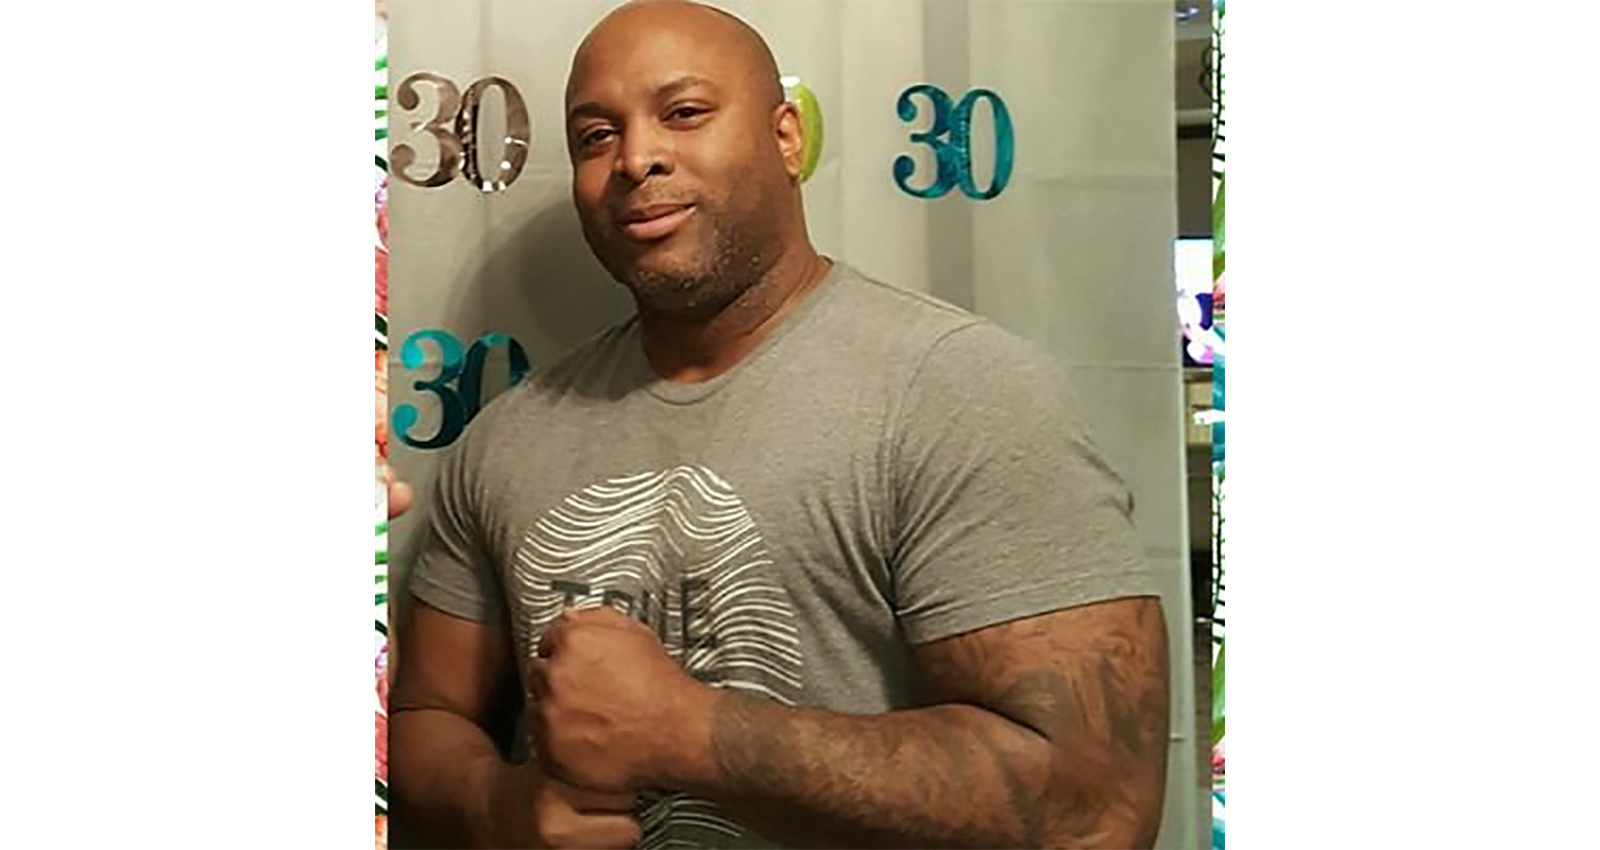 Vetreprenuer Jermaine Faltz, jmhvac-maintenance.com - Veteran Owned Business